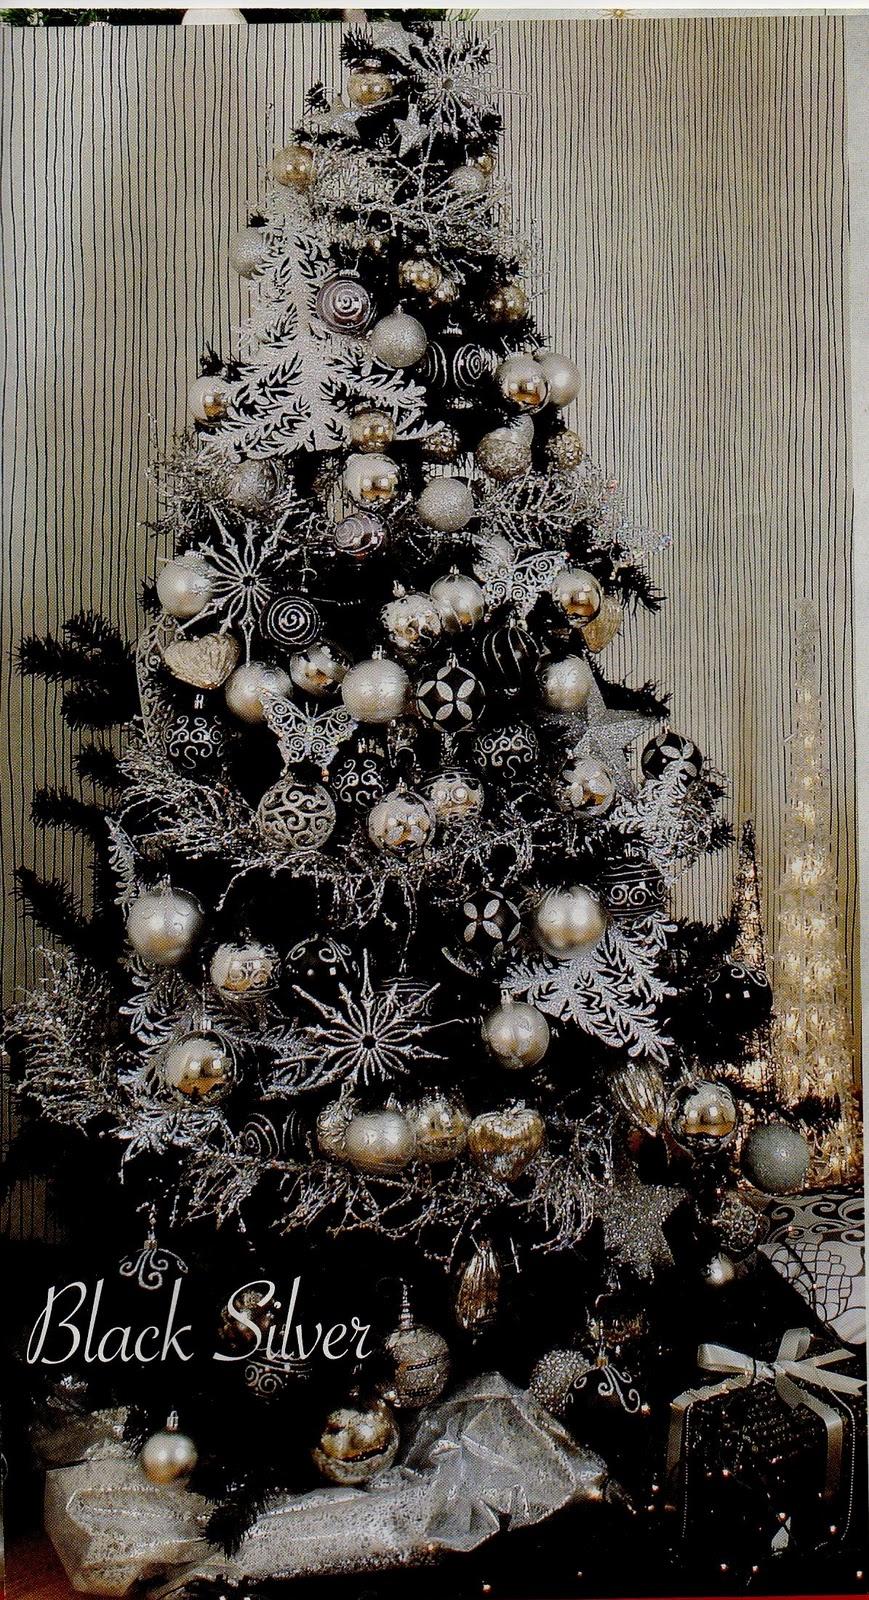 decoracao de arvore de natal azul e prata:Liga das Acácias: História e significado da árvore de Natal